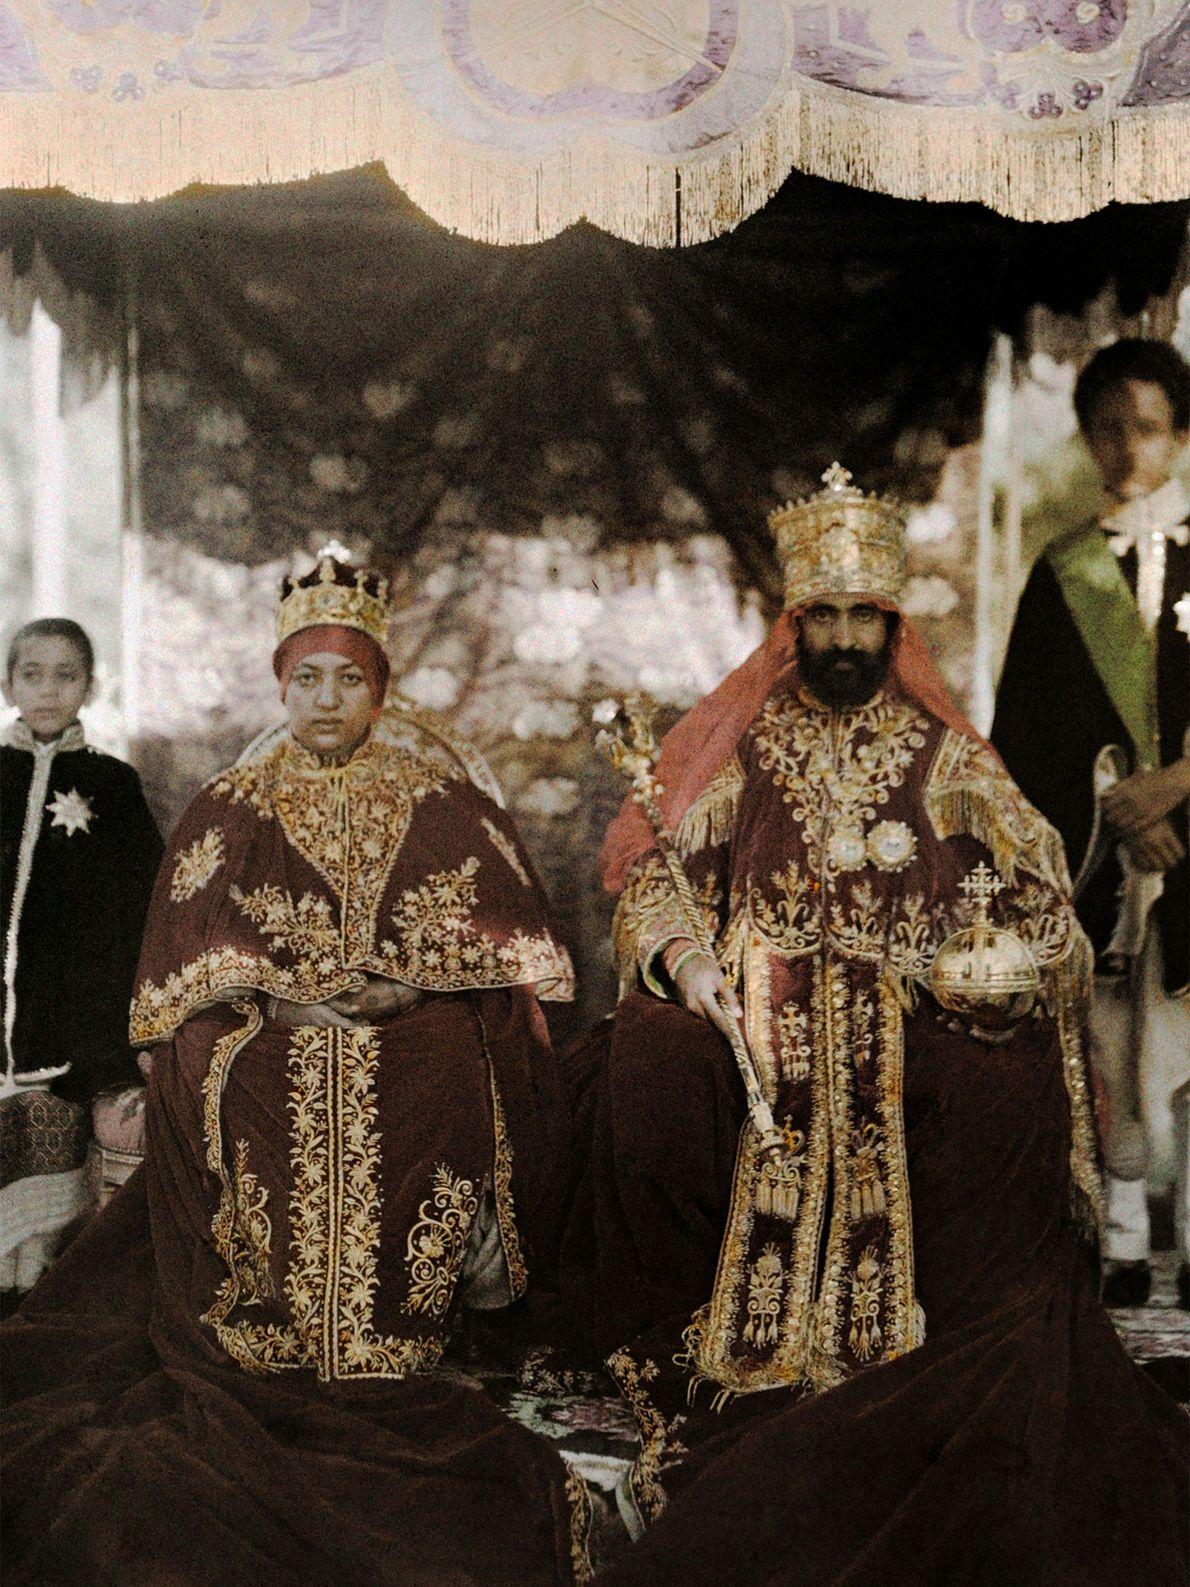 L'empereur Haïlé Sélassié Ier et l'impératrice Menen Asfaw prennent la pose dans leurs costumes en Éthiopie. ...